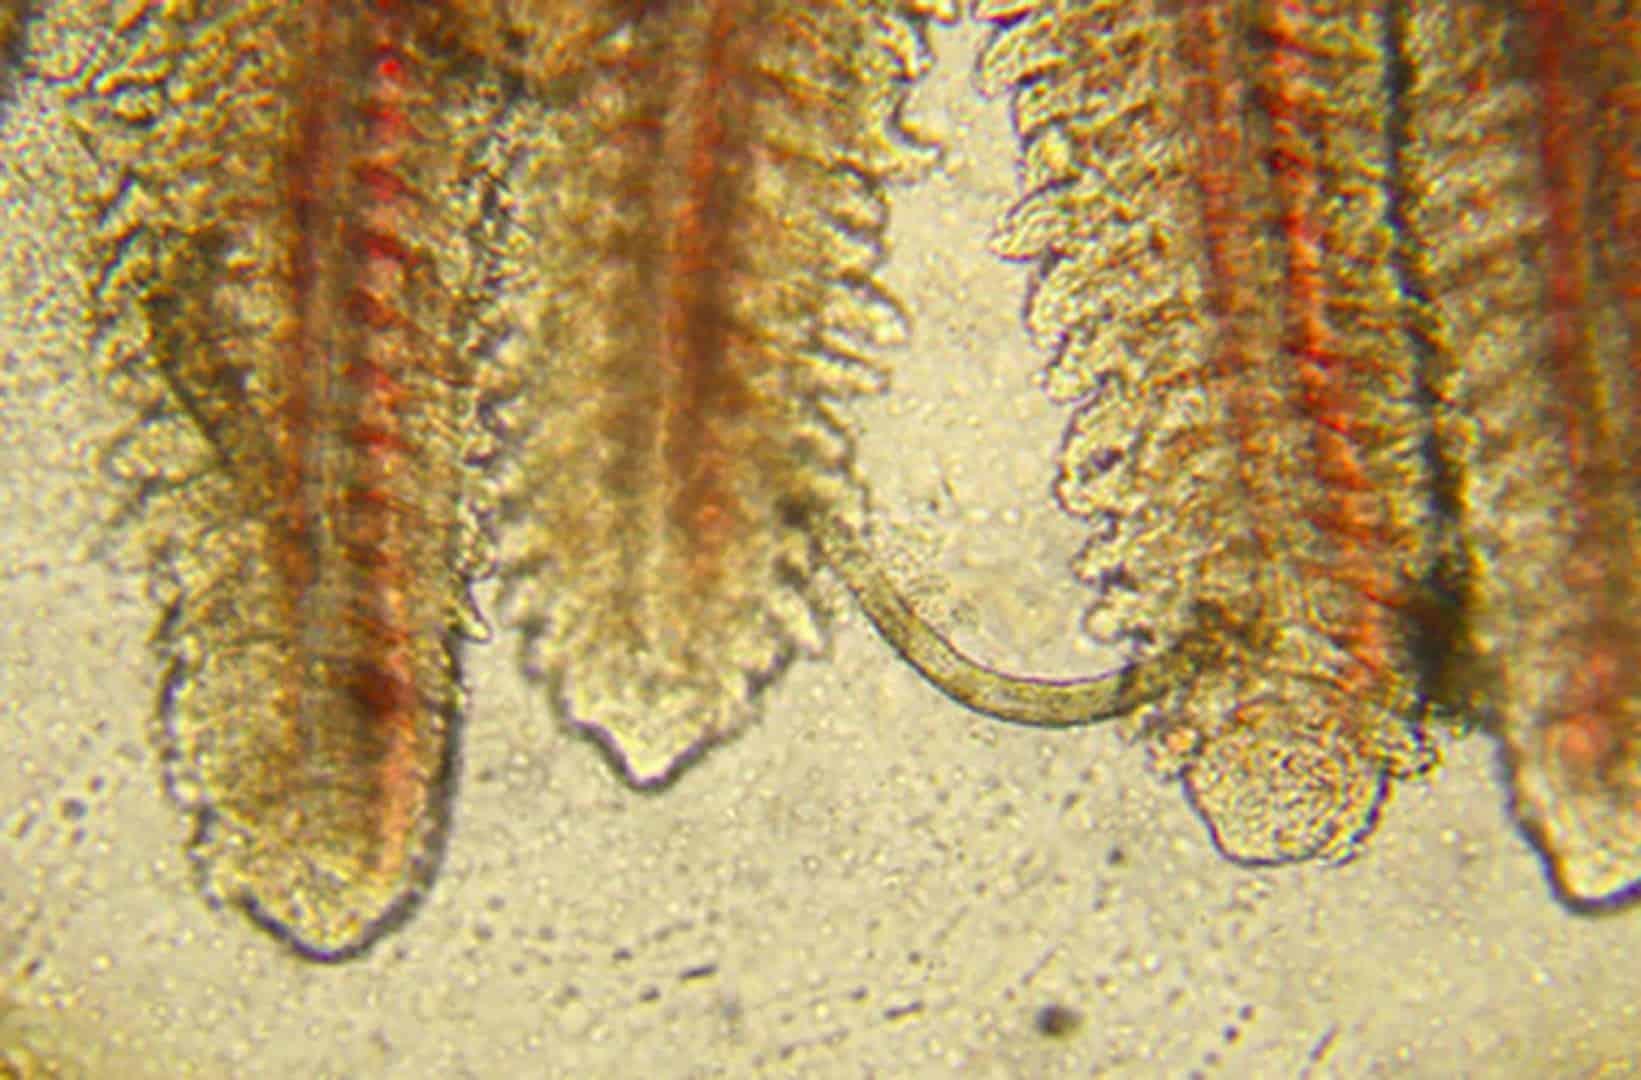 Würmer Kids Krankheiten